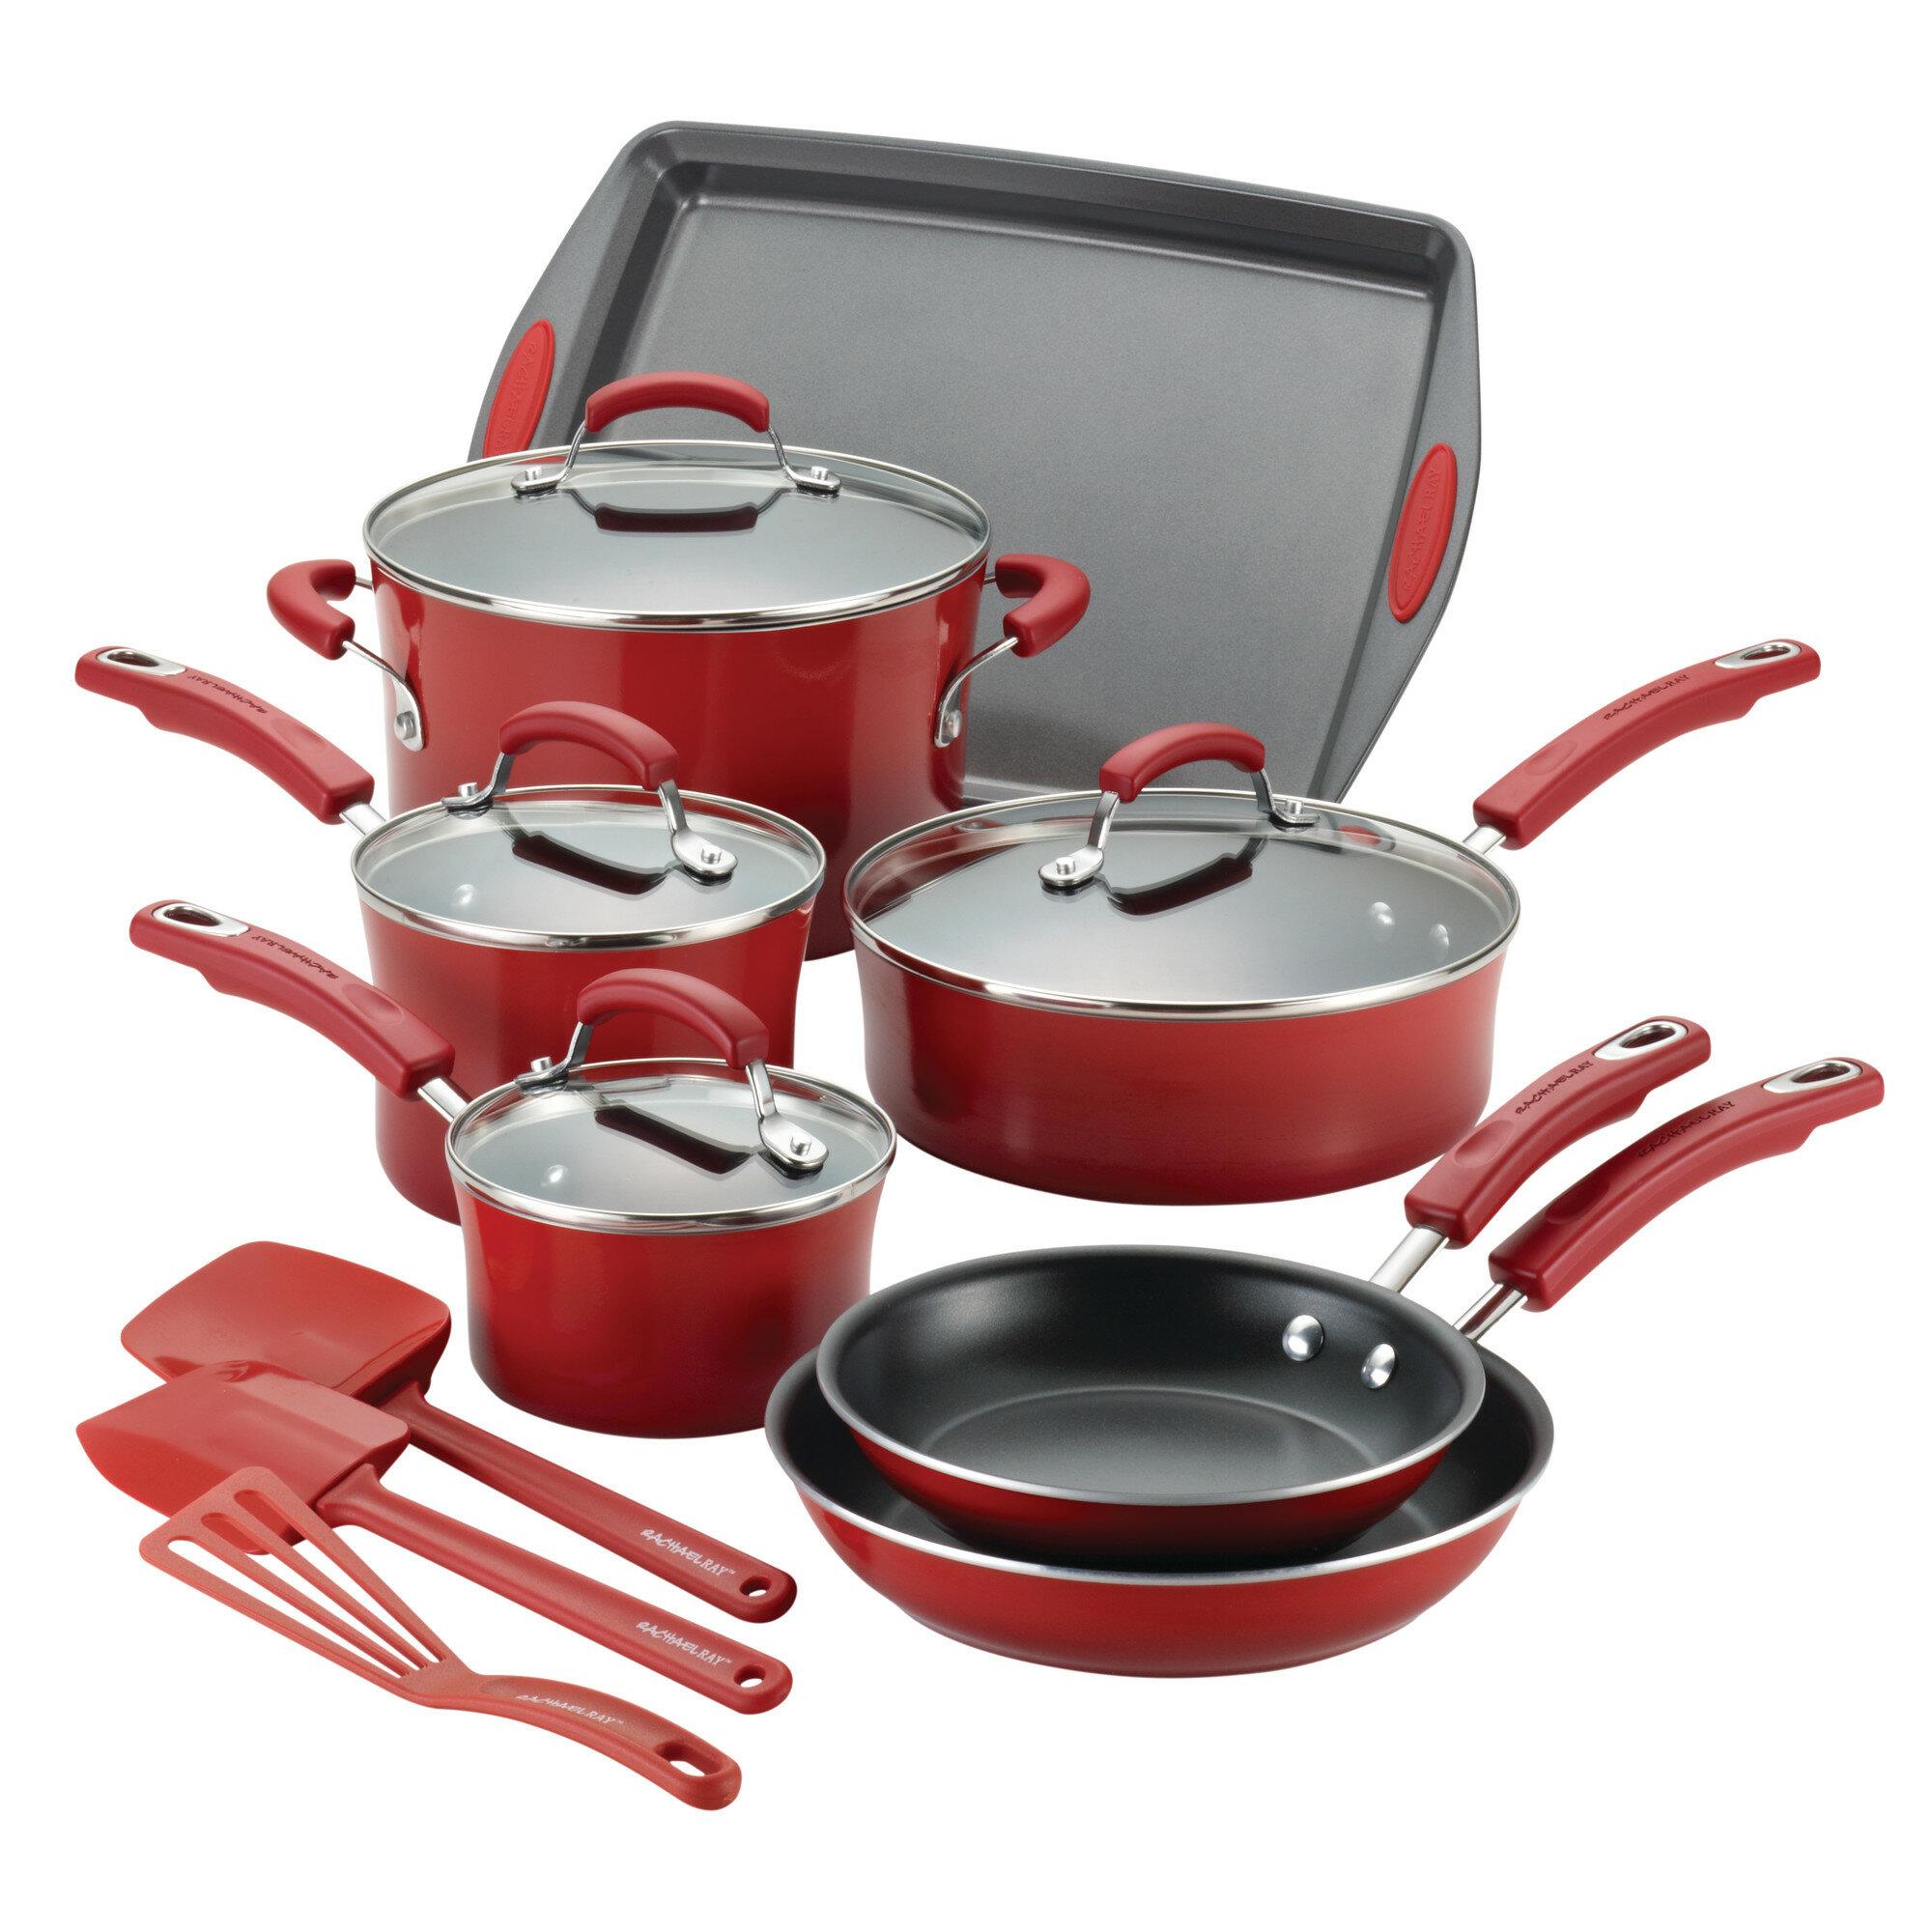 Rachael Ray 14 Piece Aluminum Non Stick Cookware Set ...